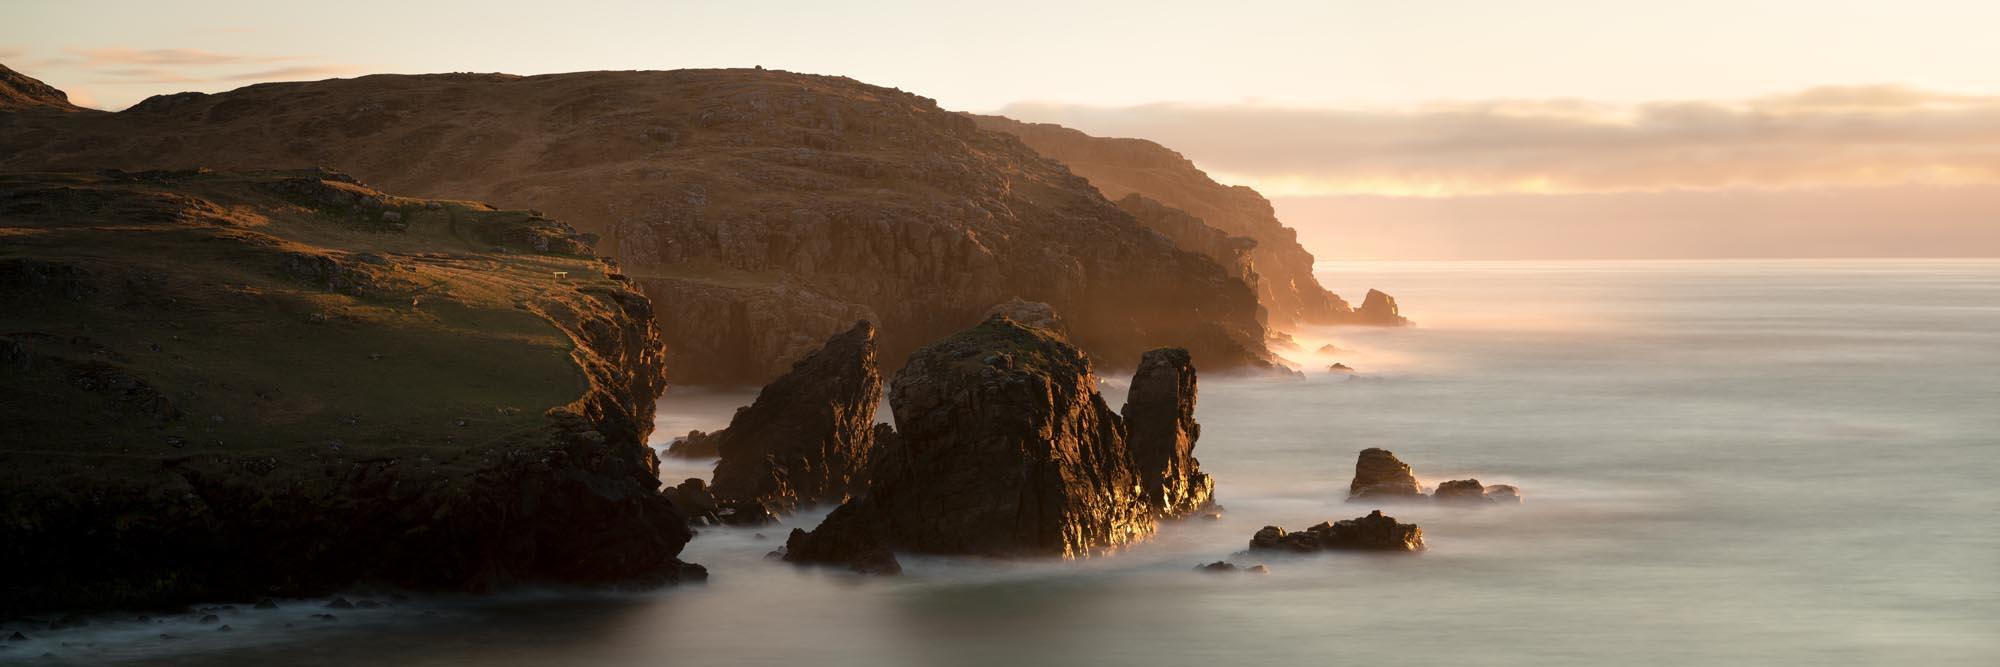 dhail beag beach cliffs at sunset